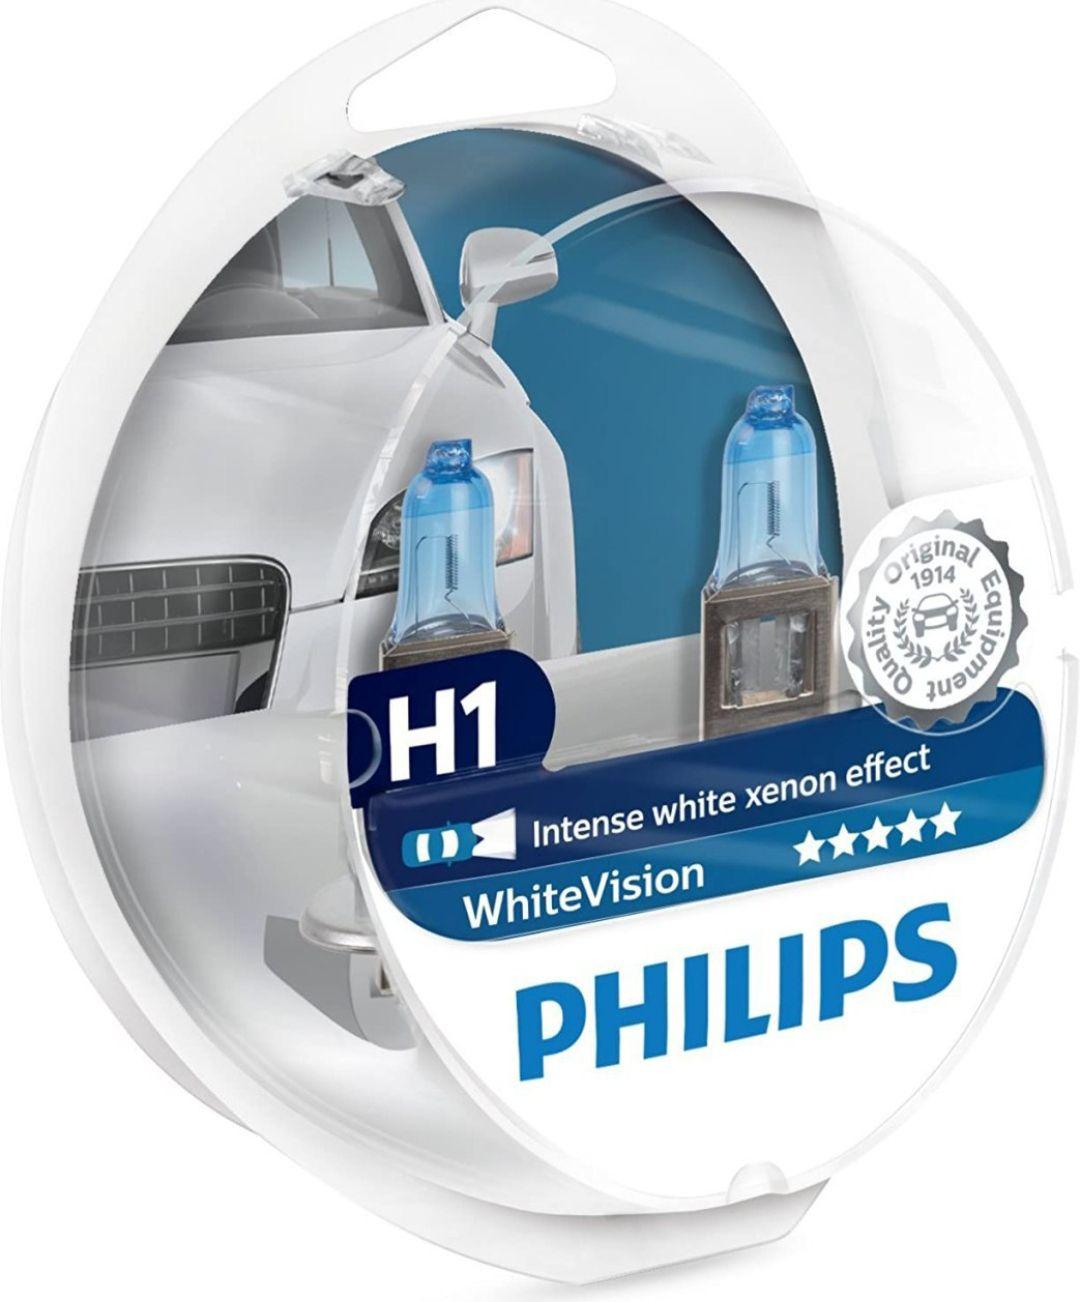 H1 Philips White vision [Reaco Como Nuevo]